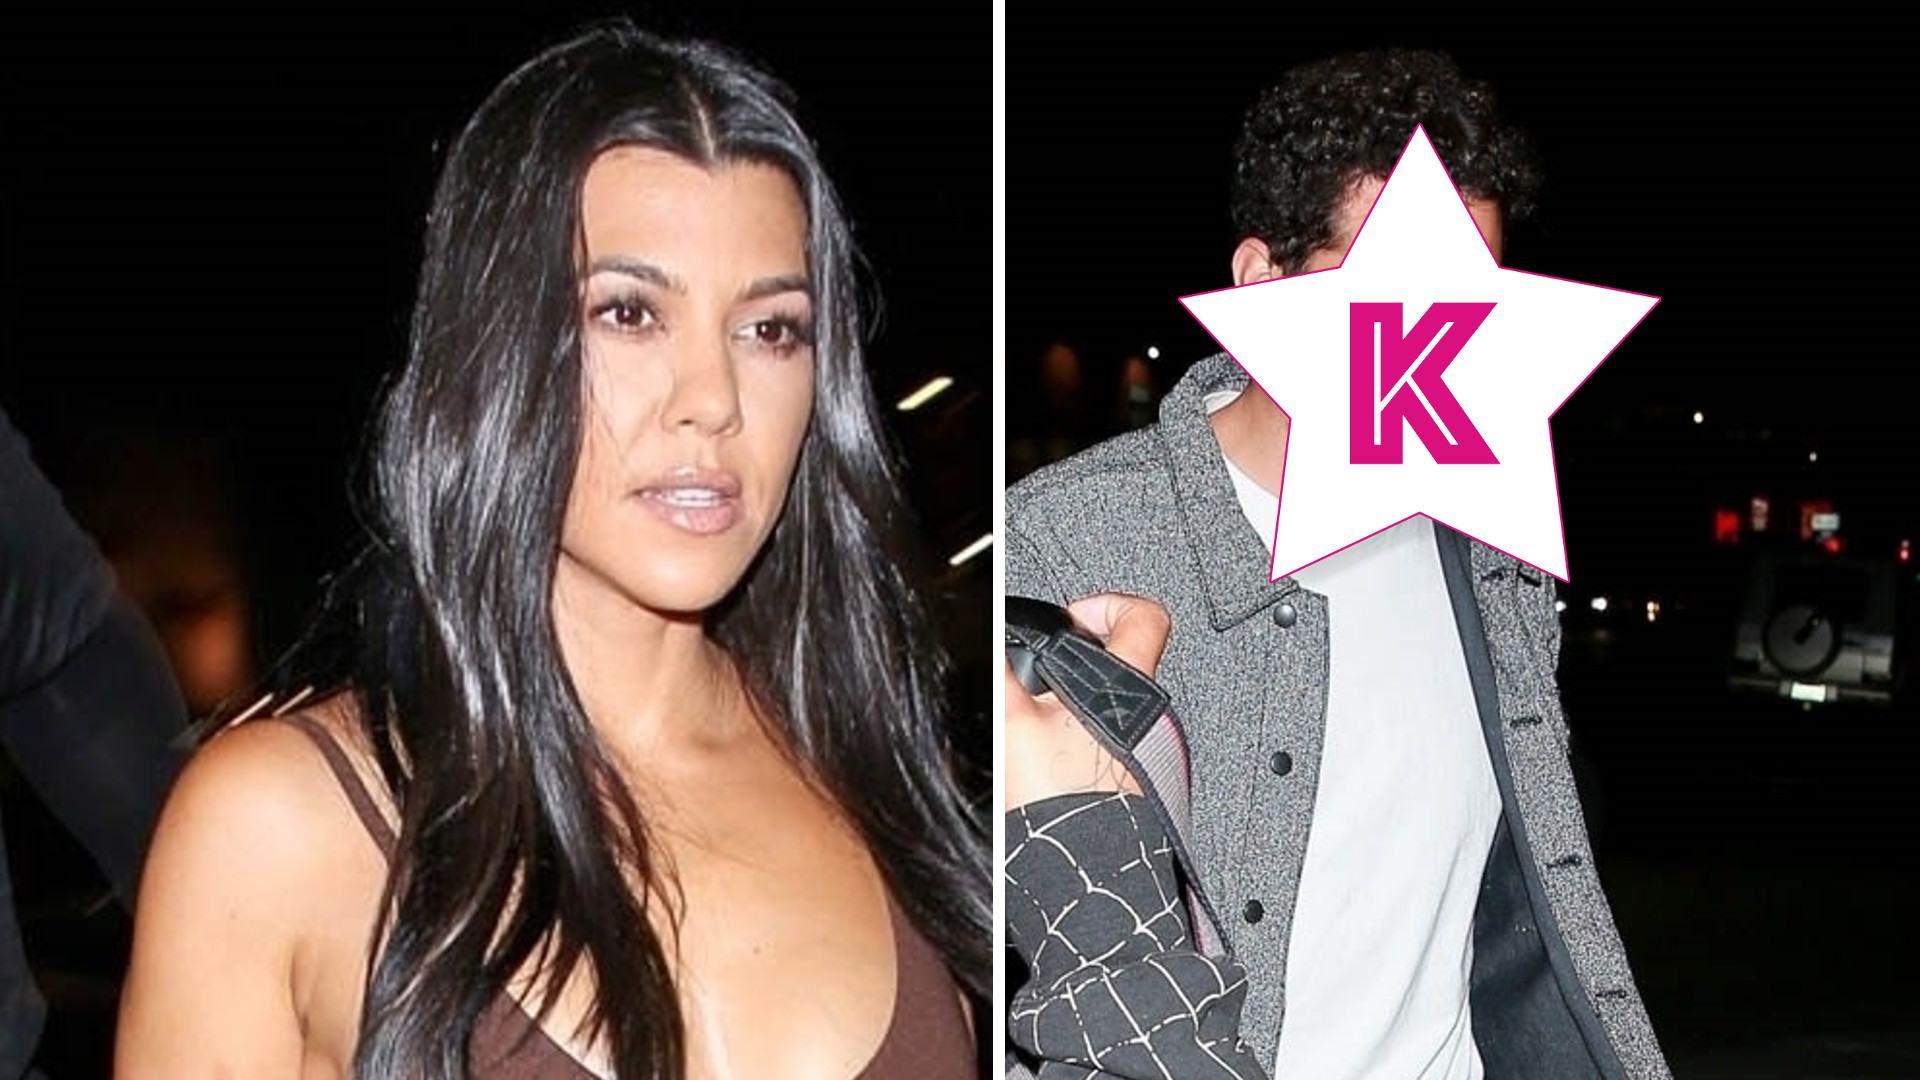 Kourtney Kardashian poszła do restauracji z PRZYSTOJNYM facetem, a tam… jej BYŁY FACET (ZDJĘCIA)